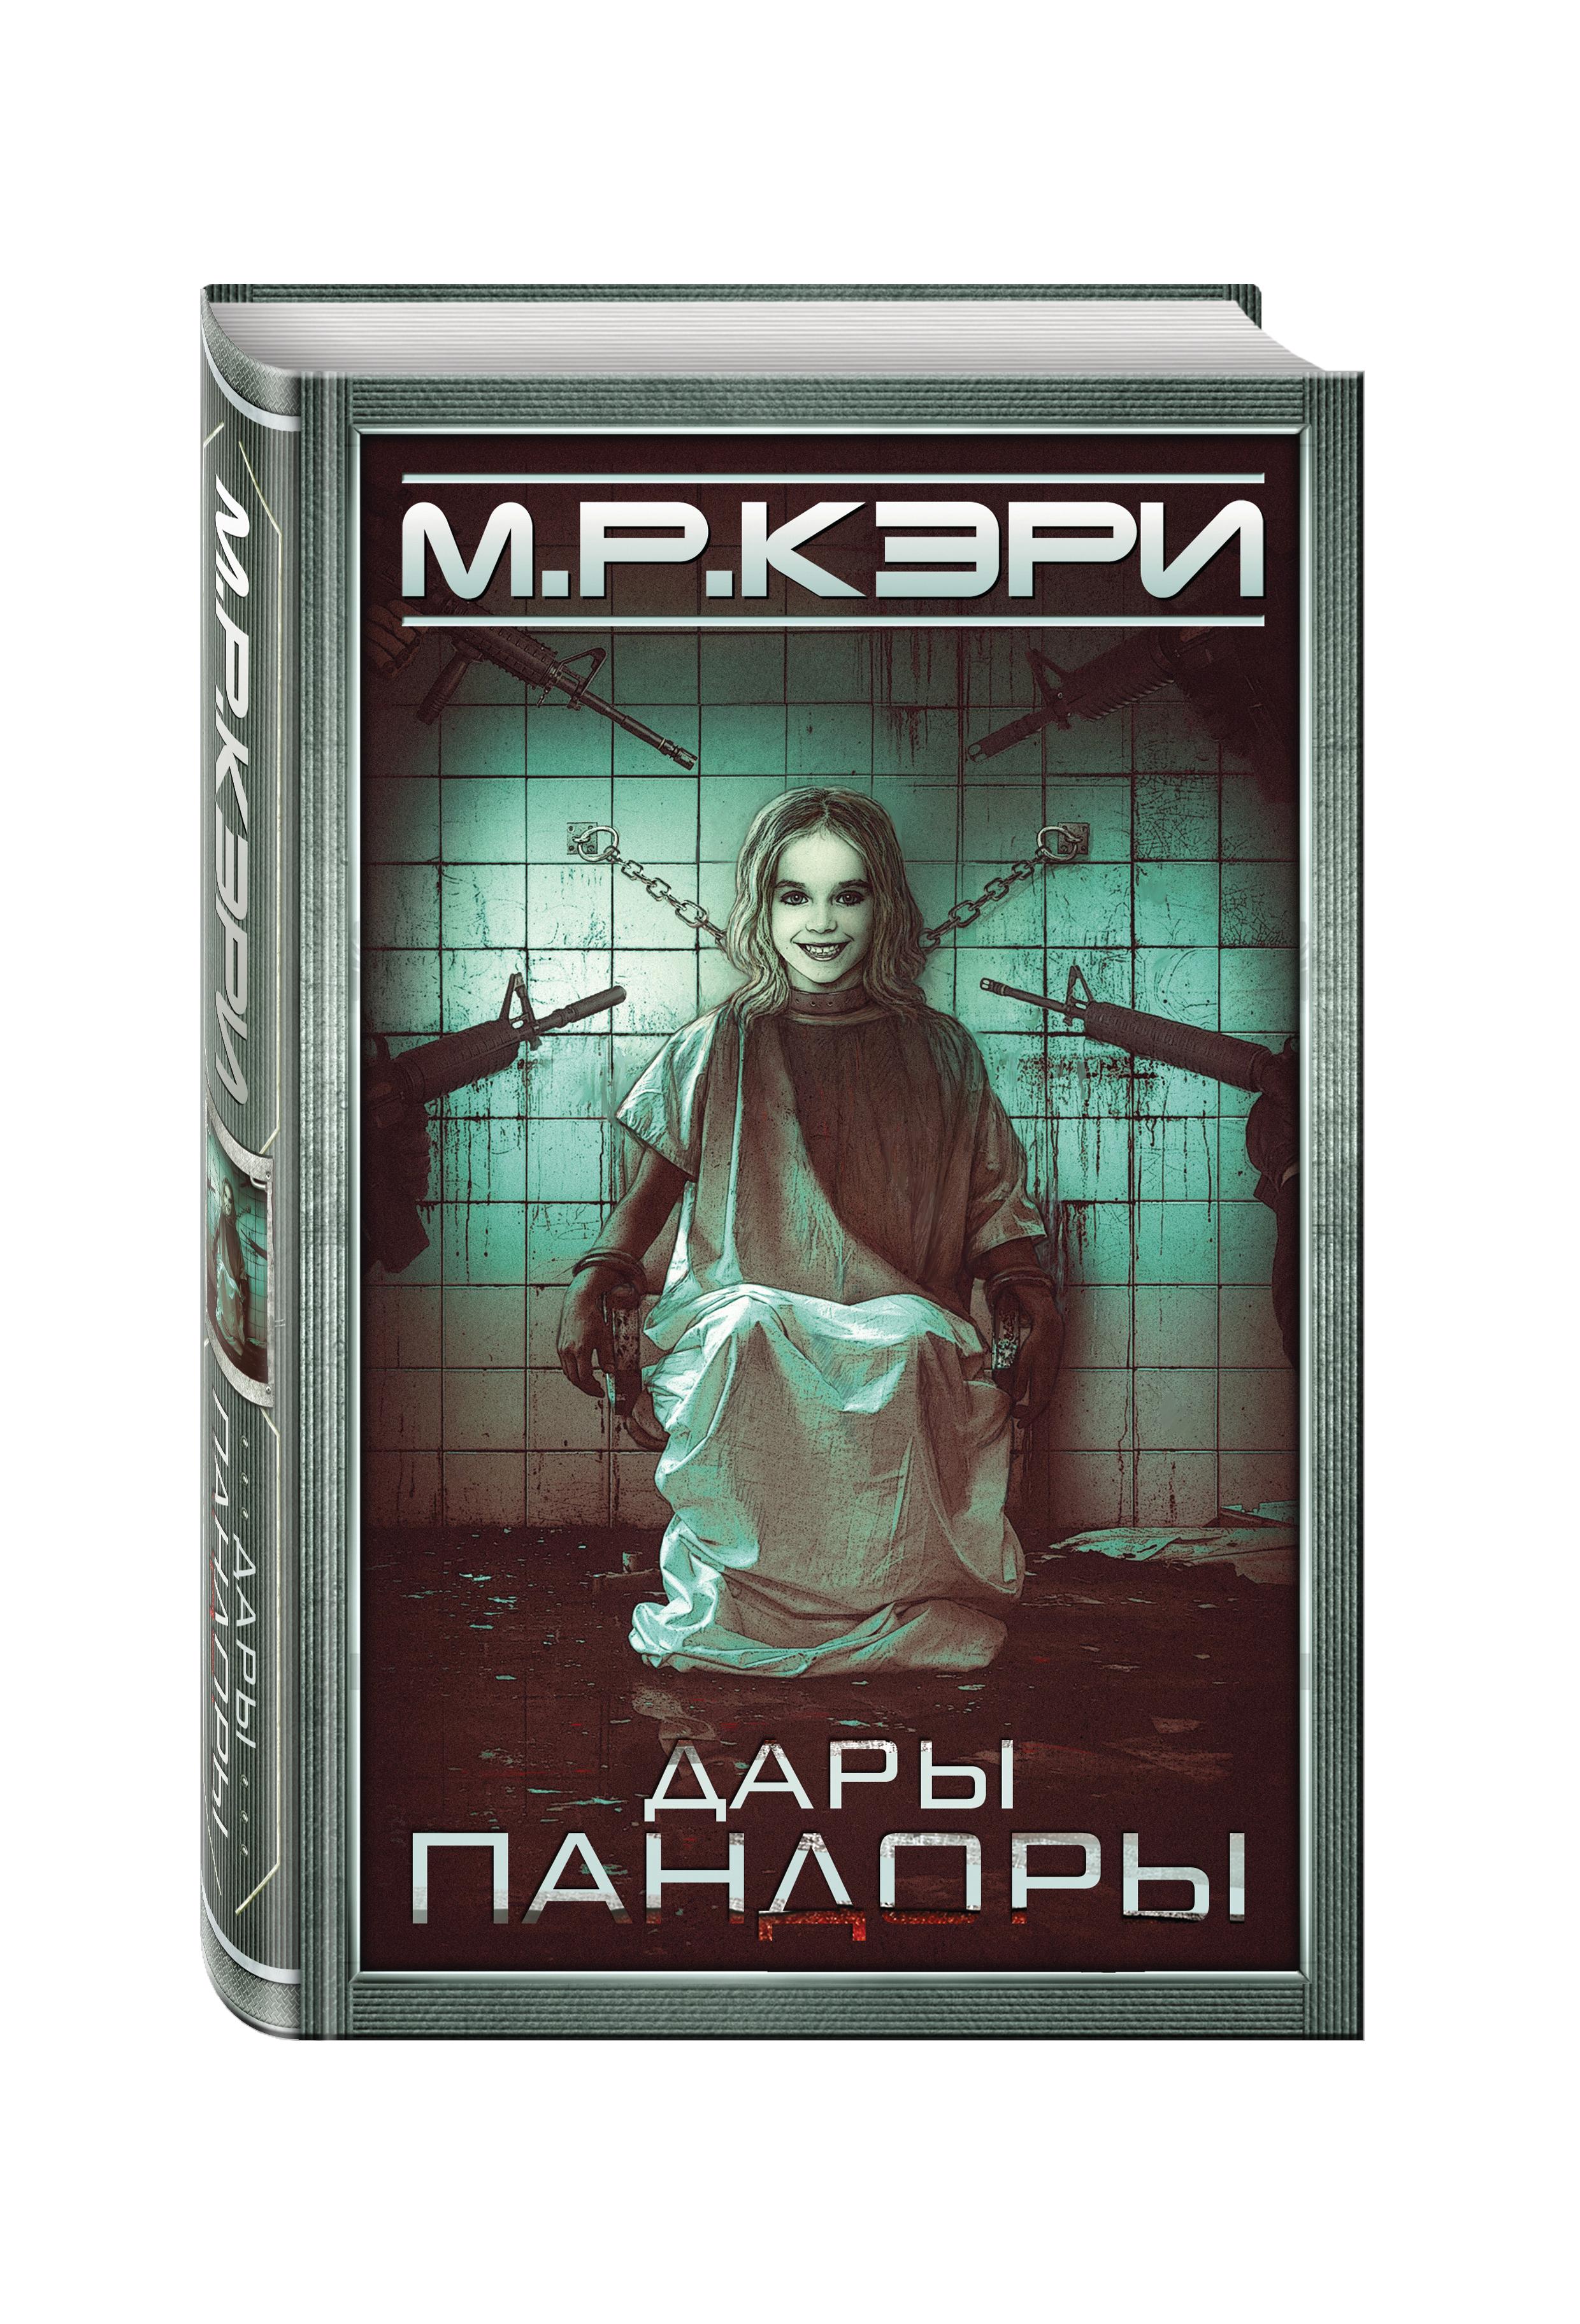 Кэри М.Р. Дары Пандоры экскурсии в праге на русском языке где